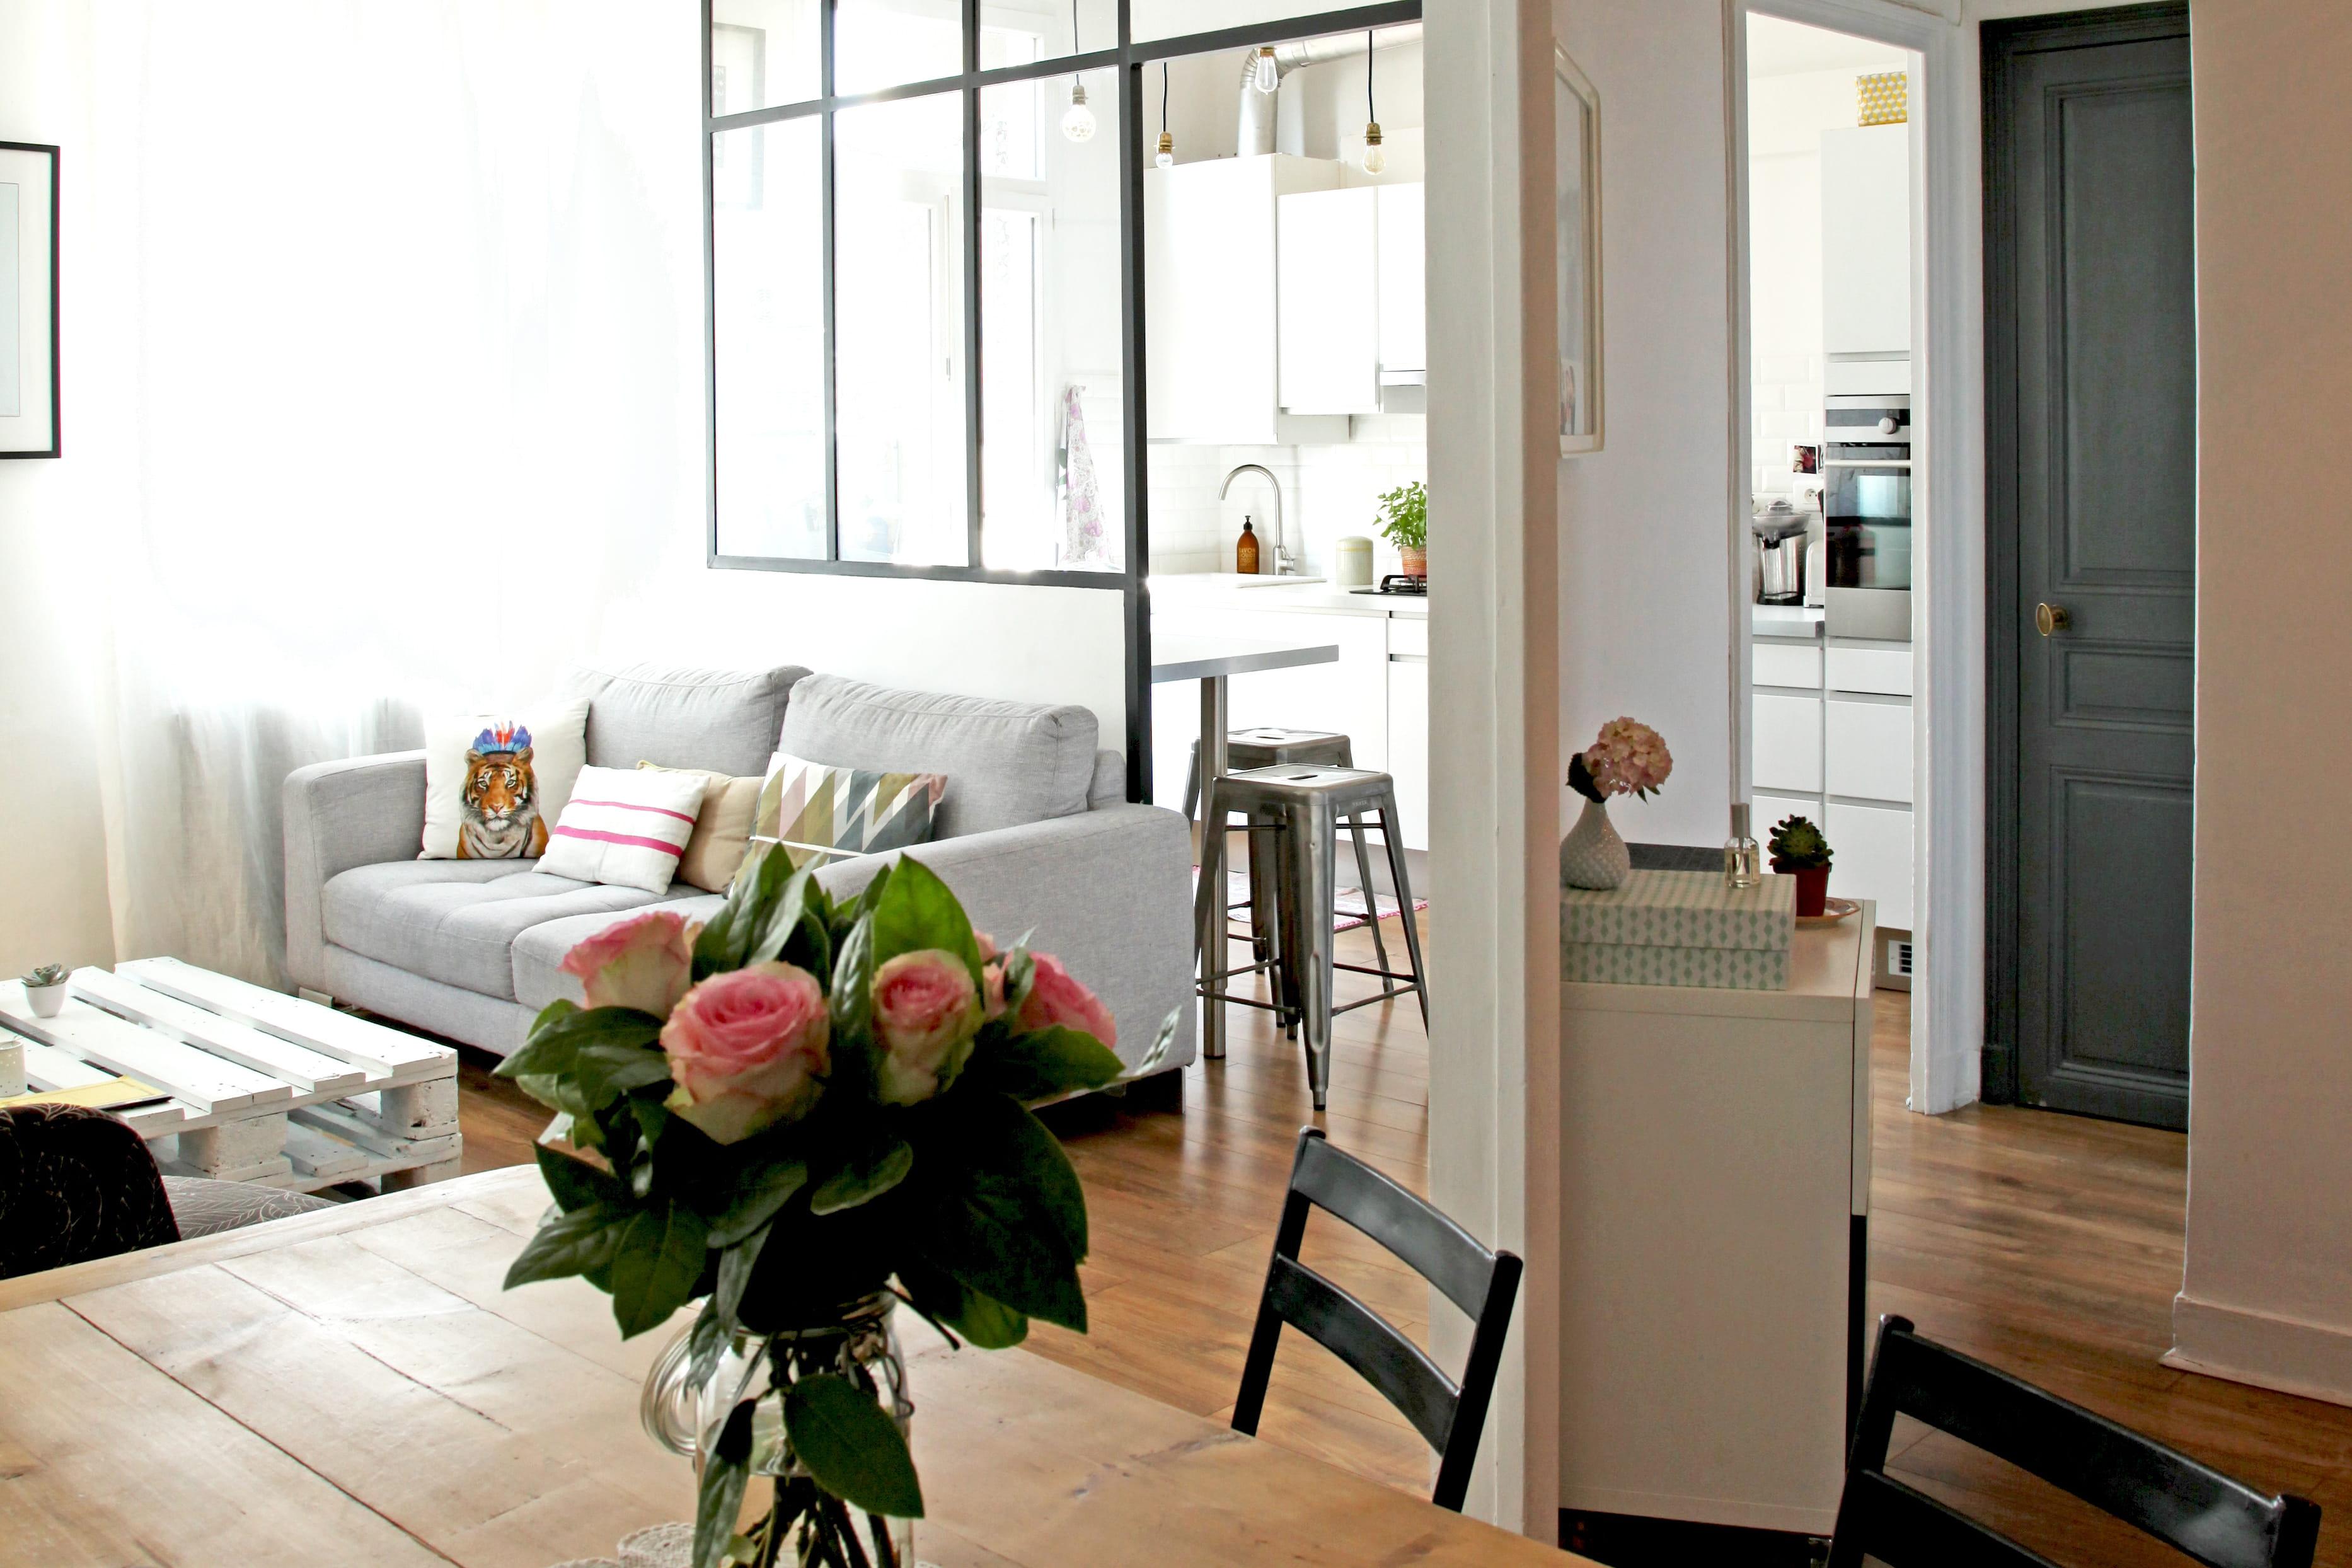 Petit espace 15 astuces pour le faire para tre plus for Amenagement salon cuisine petit espace